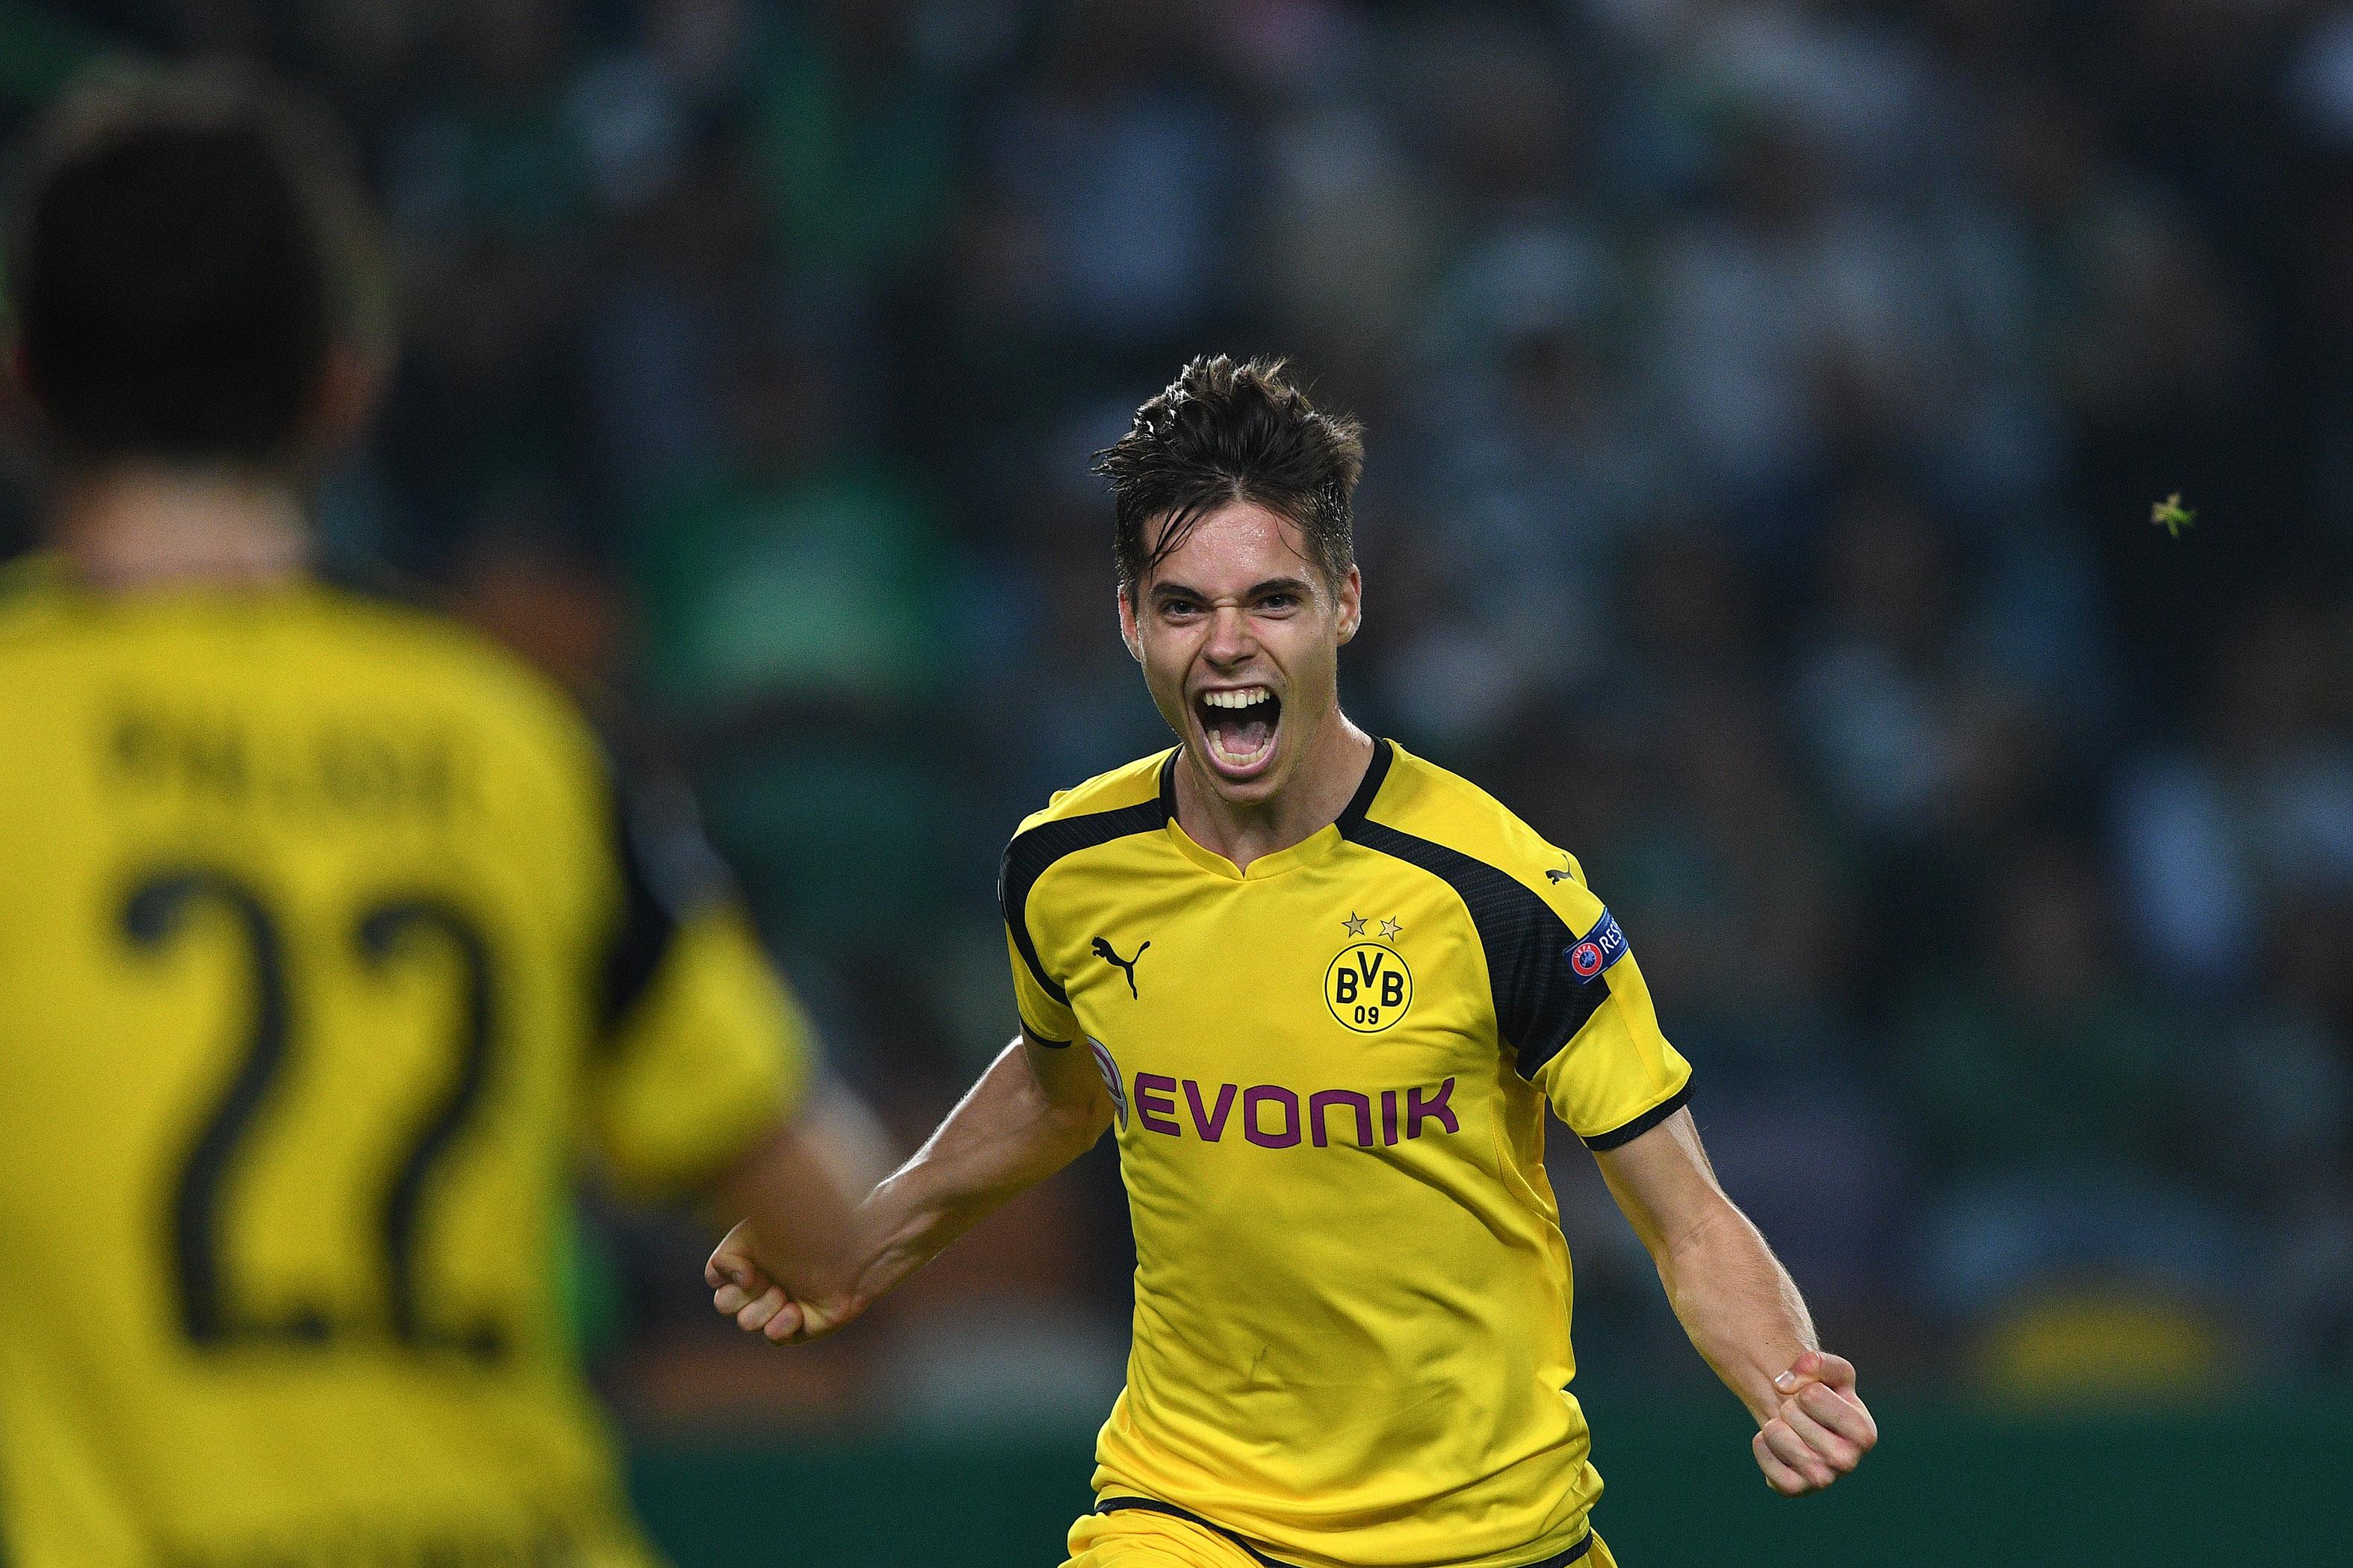 Julian Weigl's first goal for Borussia Dortmund was gorgeous